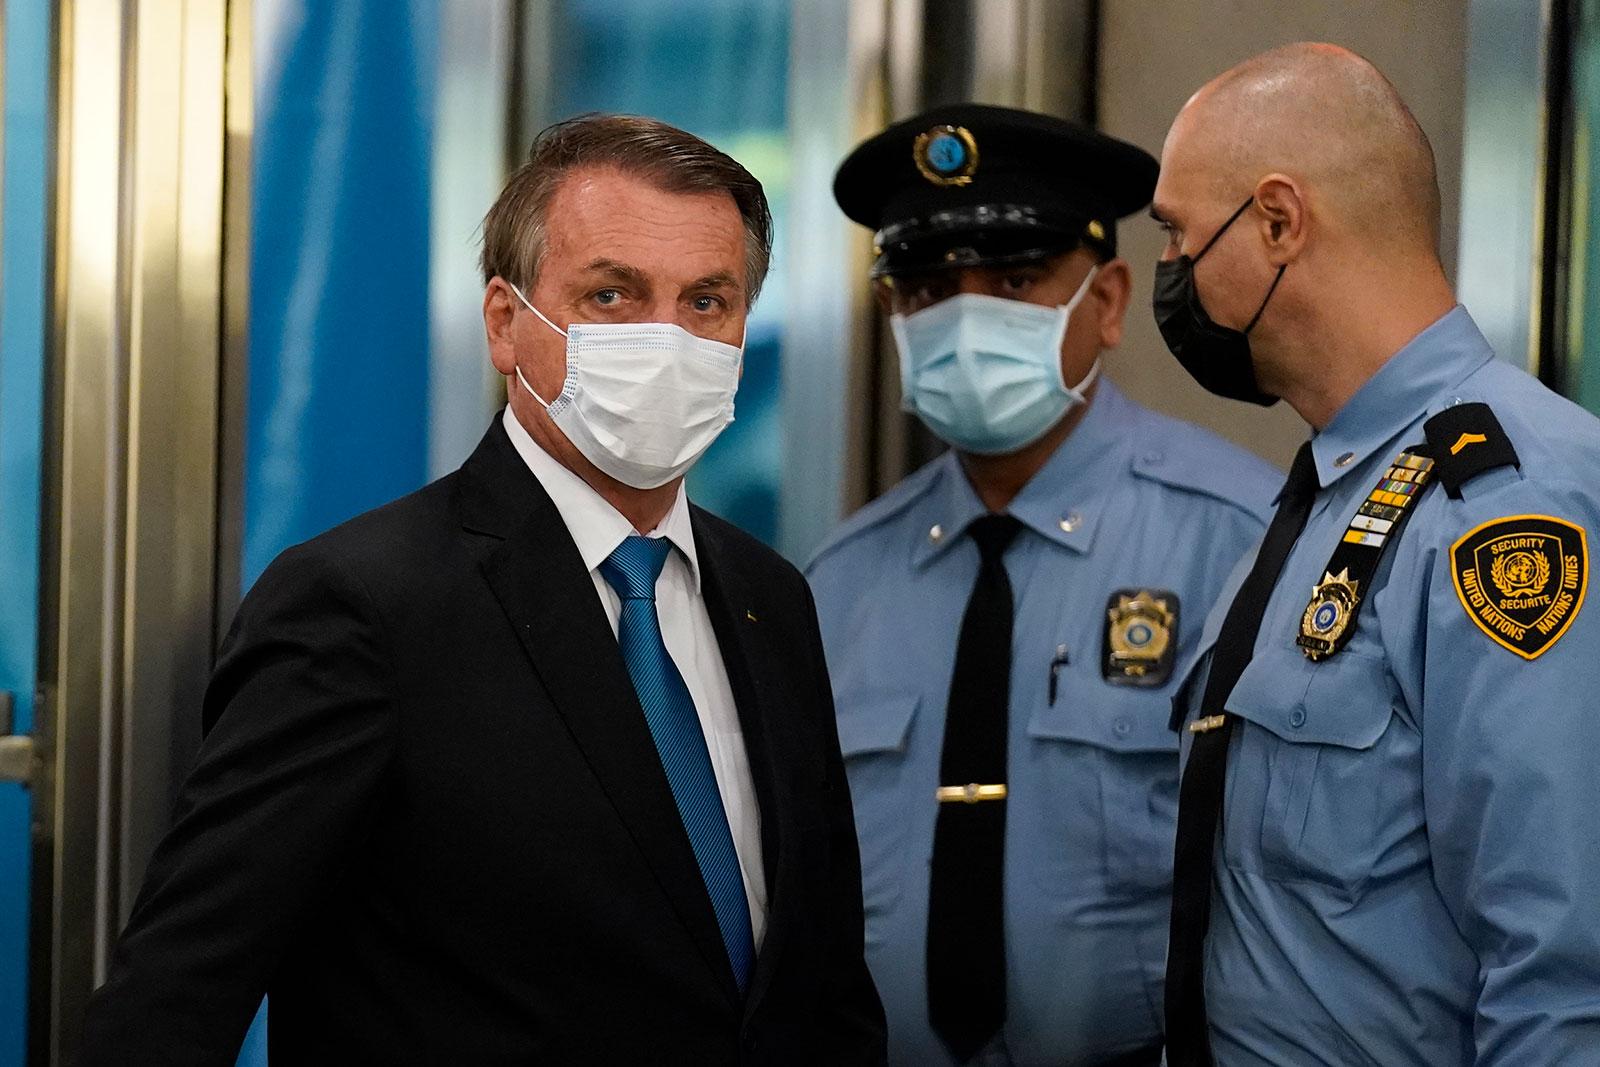 Brazilian President Jair Bolsonaro arrives for the United Nations General Assembly in New York on September 21.